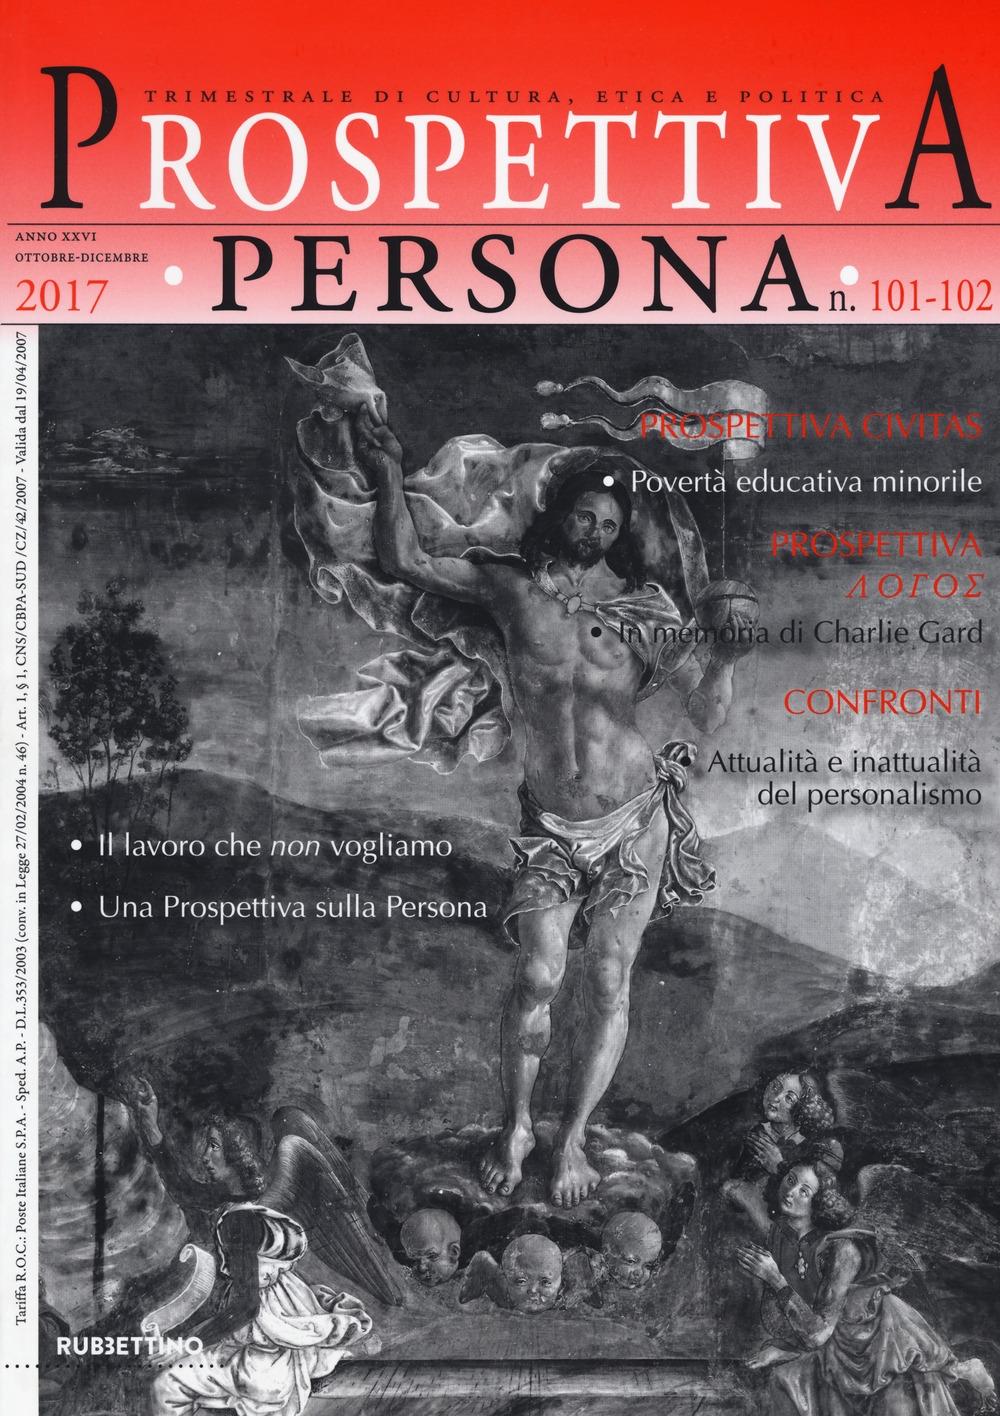 Prospettiva persona. Trimestrale di cultura, etica e politica (2017). Vol. 101-102